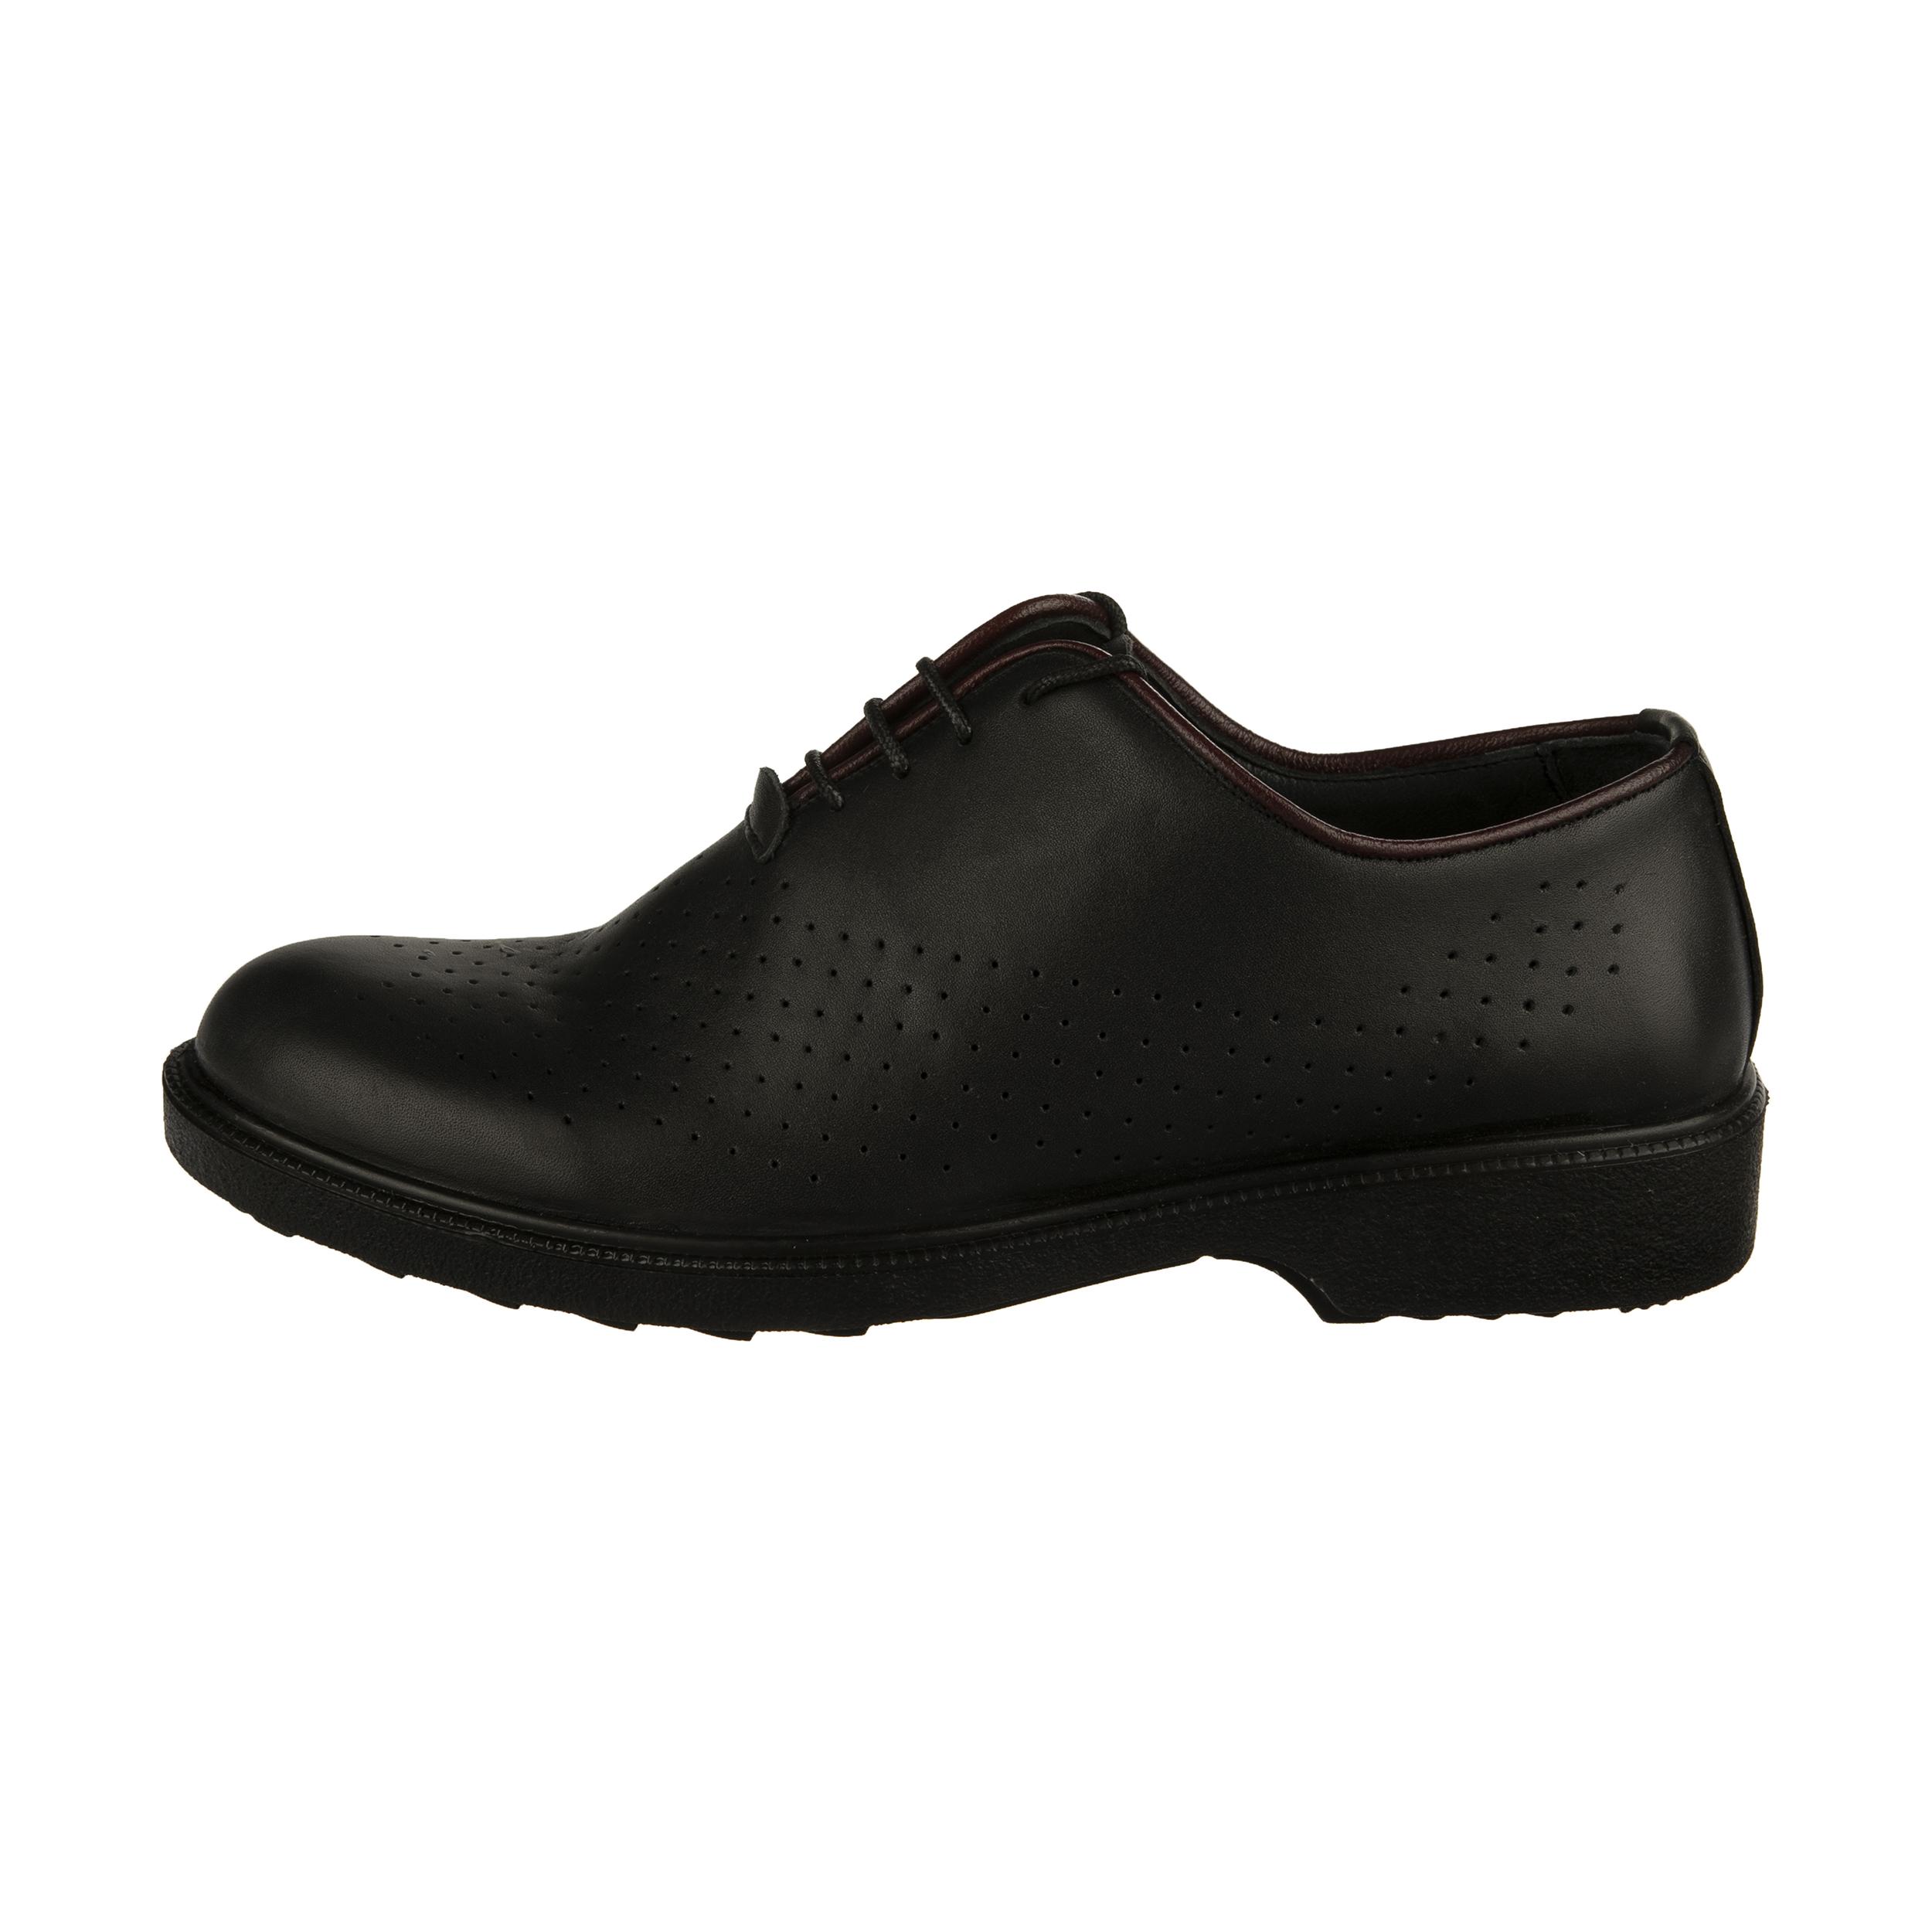 کفش مردانه ملی کد 13190792